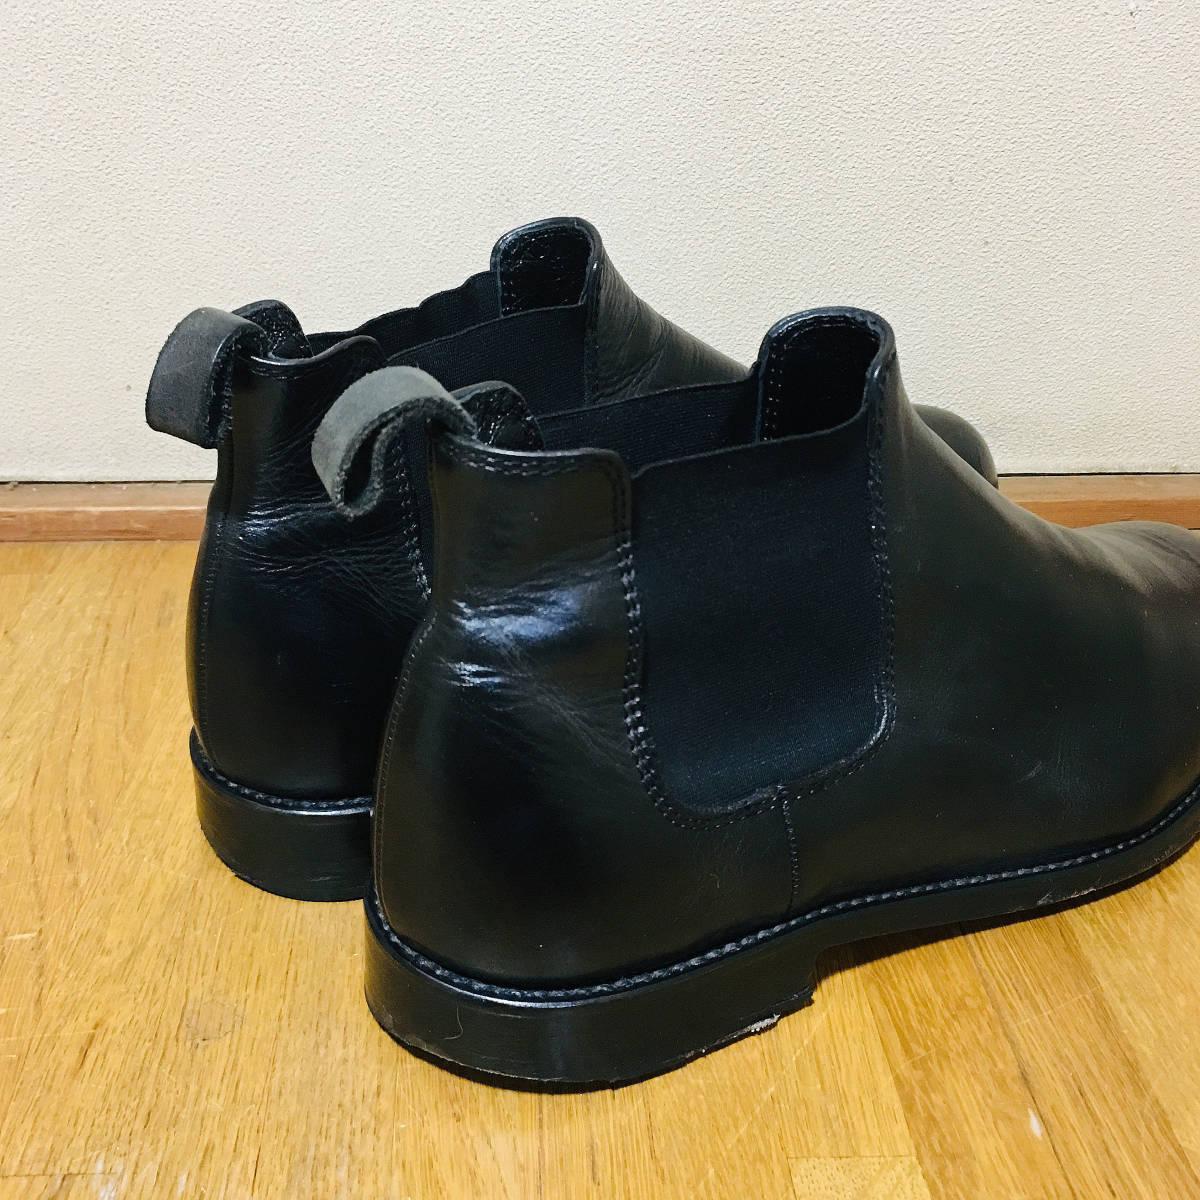 ■ 美品 定価3.8万 《 PADRONE 》 メンズ サイドゴア 本革 ショートブーツ 41 26-26.5cm 黒 パドローネ プレーントゥ レザーシューズ 革靴 _画像5